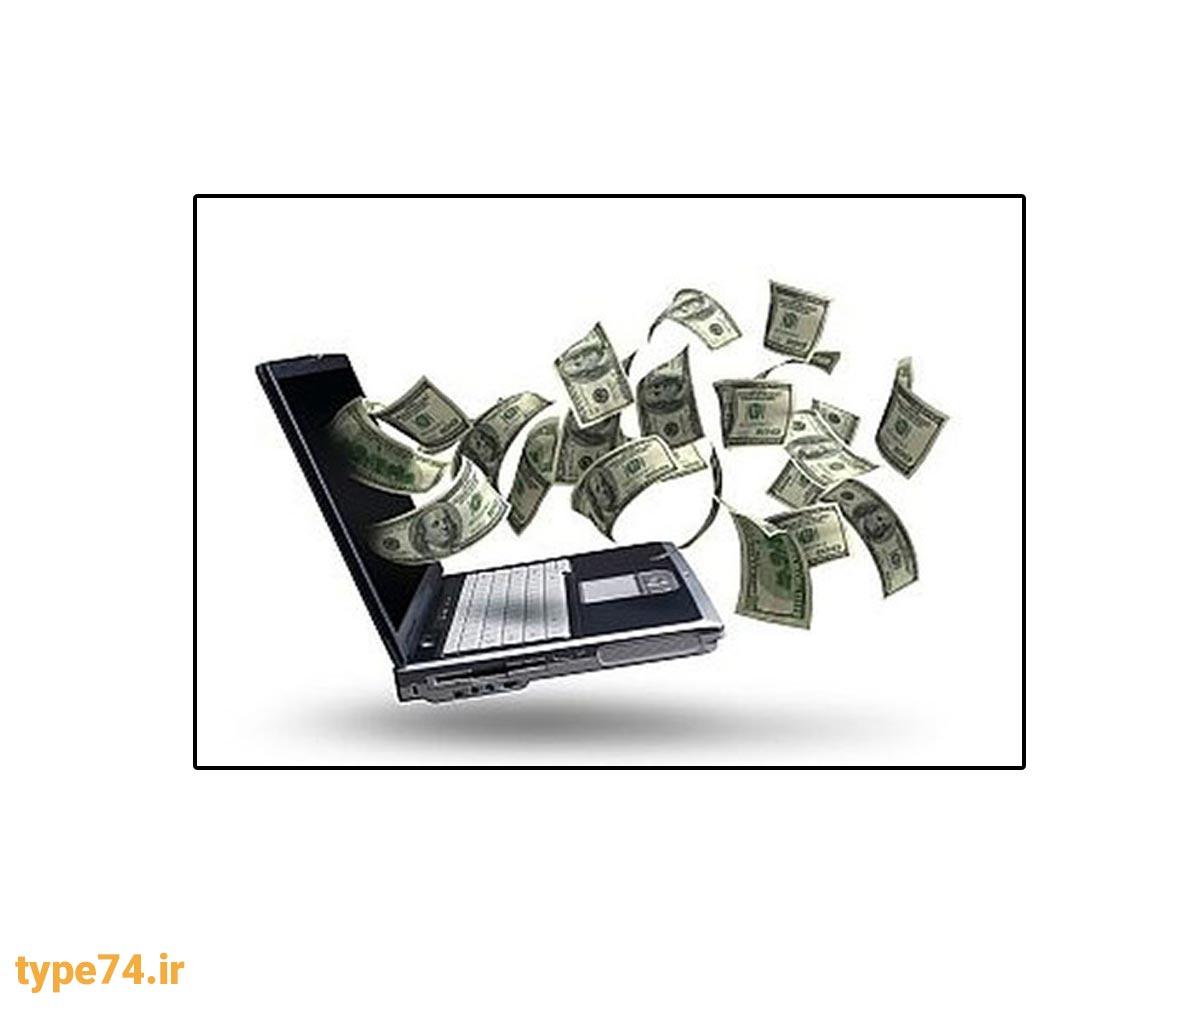 تایپیست پیادهساز فایل صوتی برای کسب درآمد